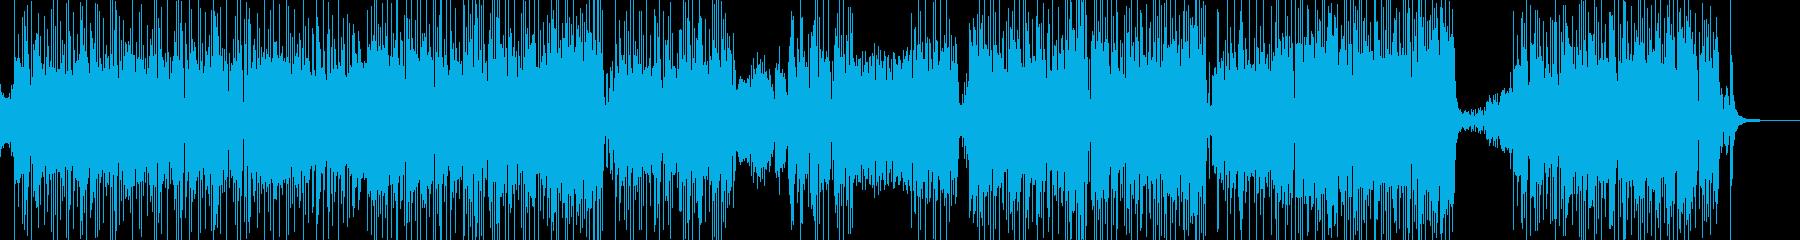 メルヘンな演出・ゆめかわポップス 長尺の再生済みの波形